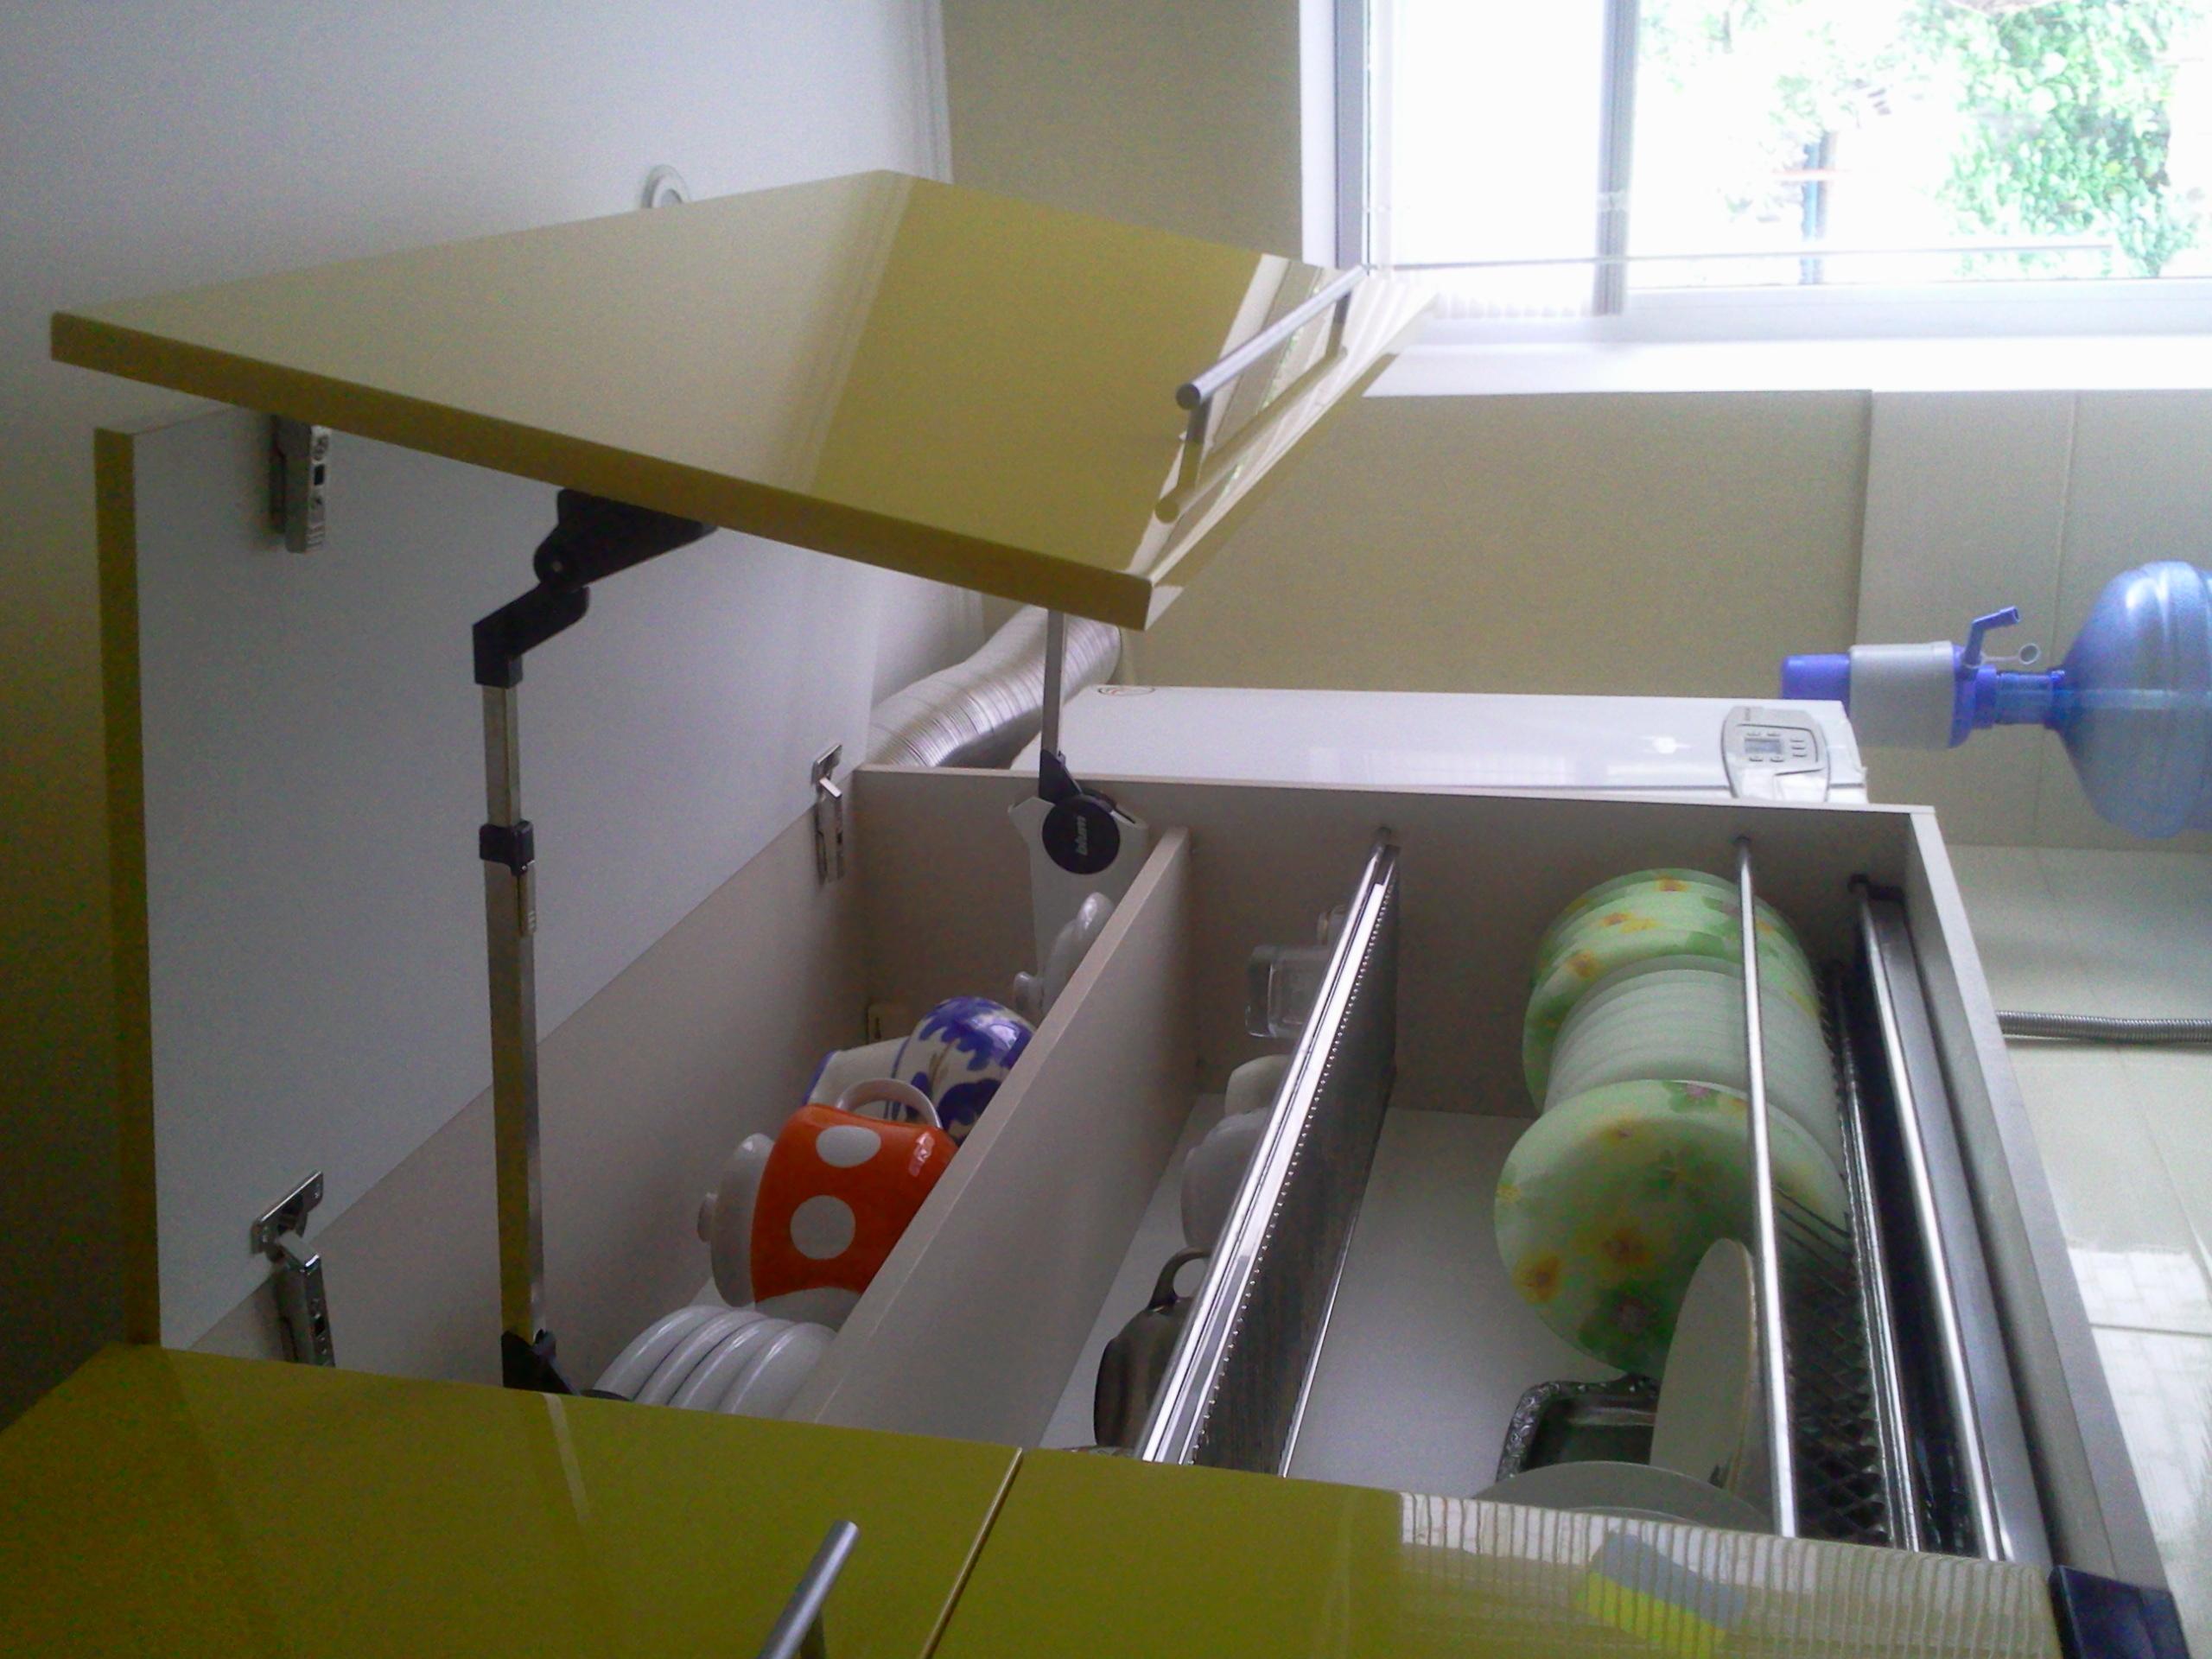 Кухонная фурнитура для навесных шкафов